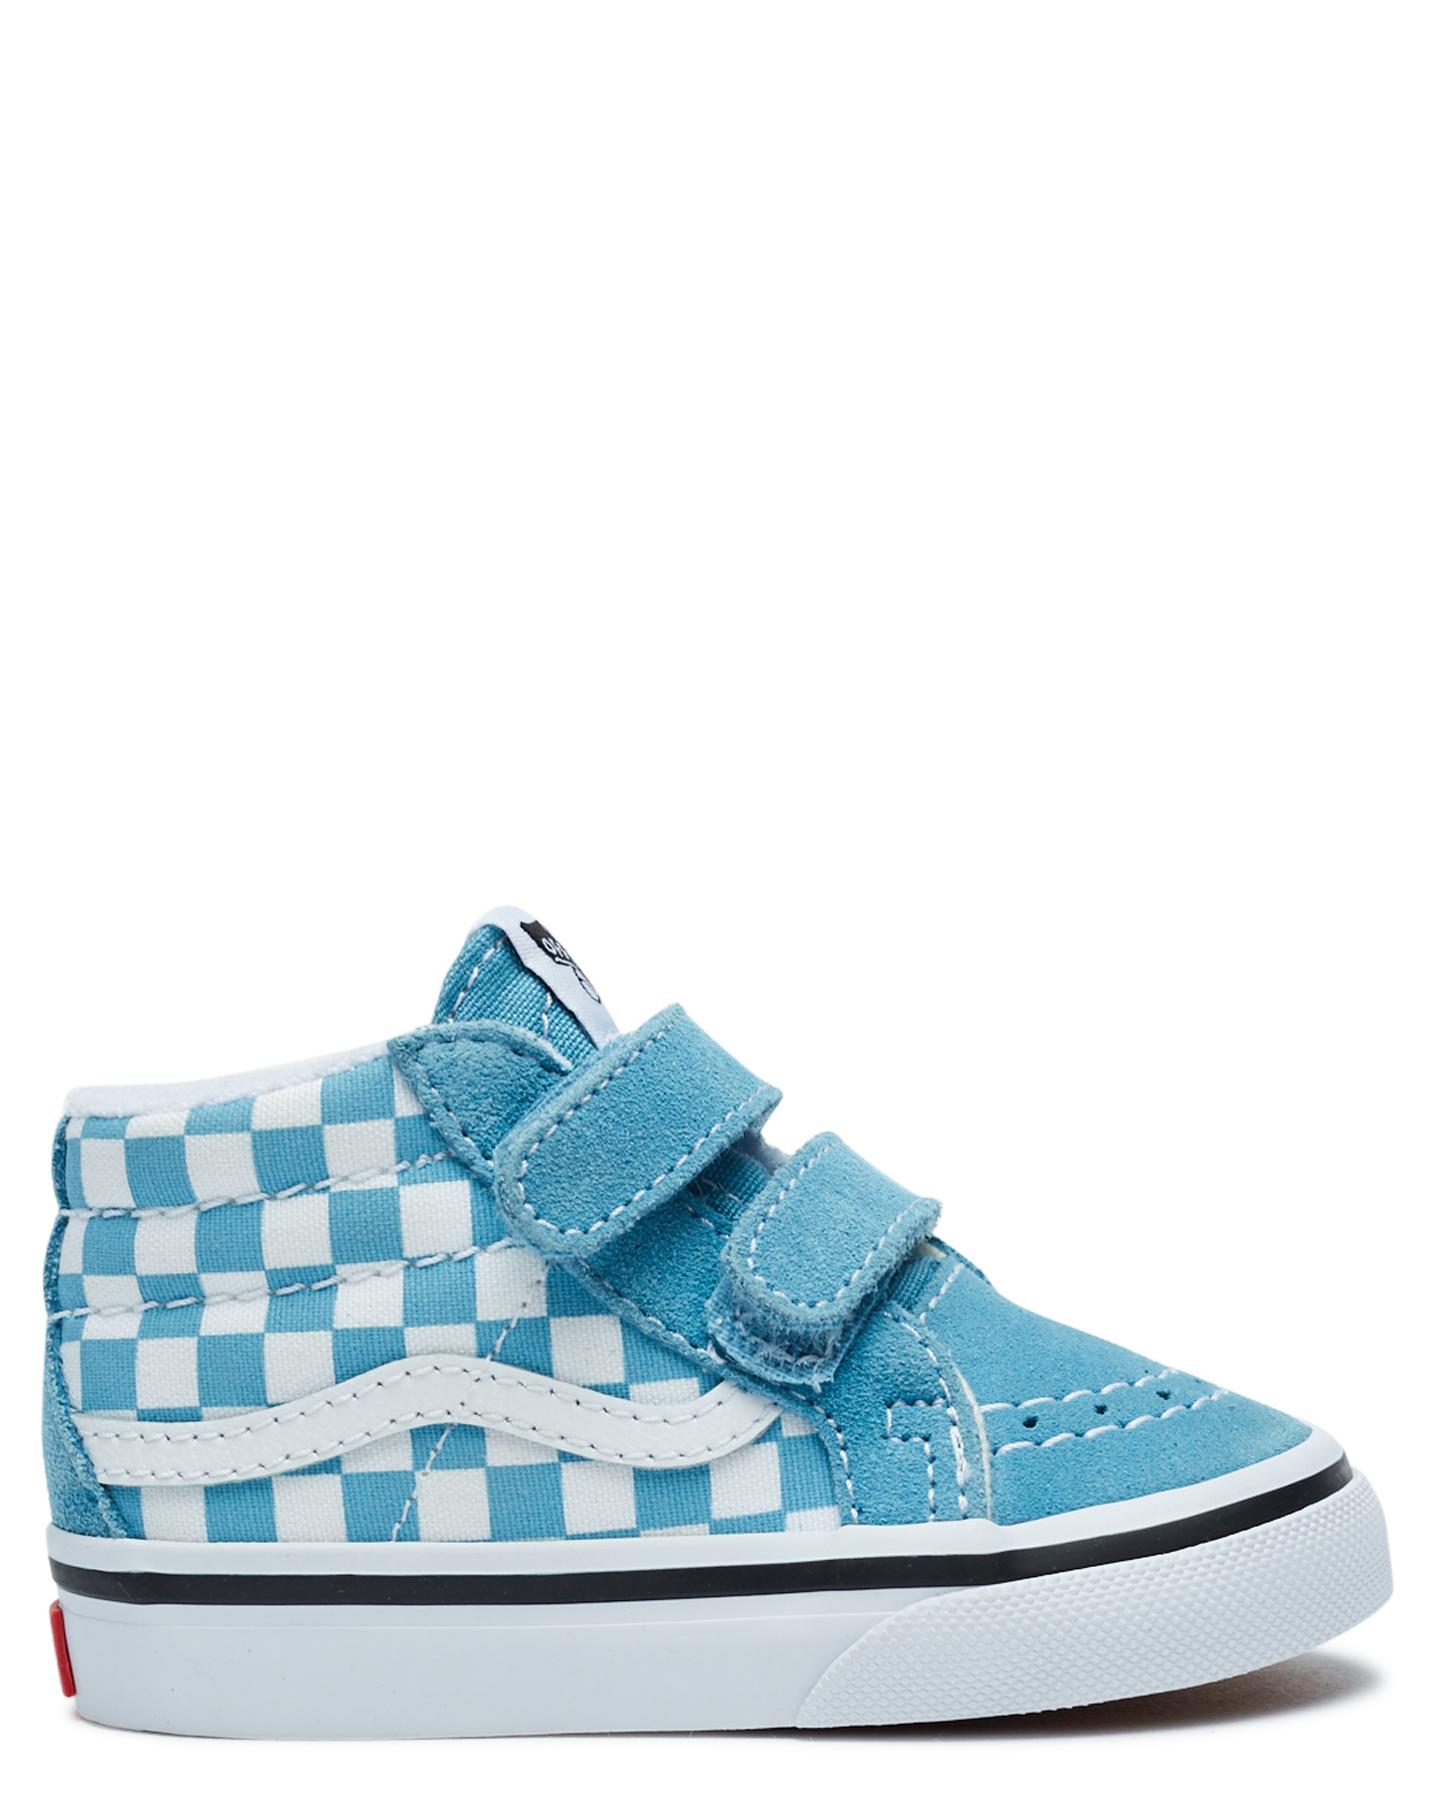 Vans Sk8-Mid Reissue Velcro Shoe - Toddler Blue White